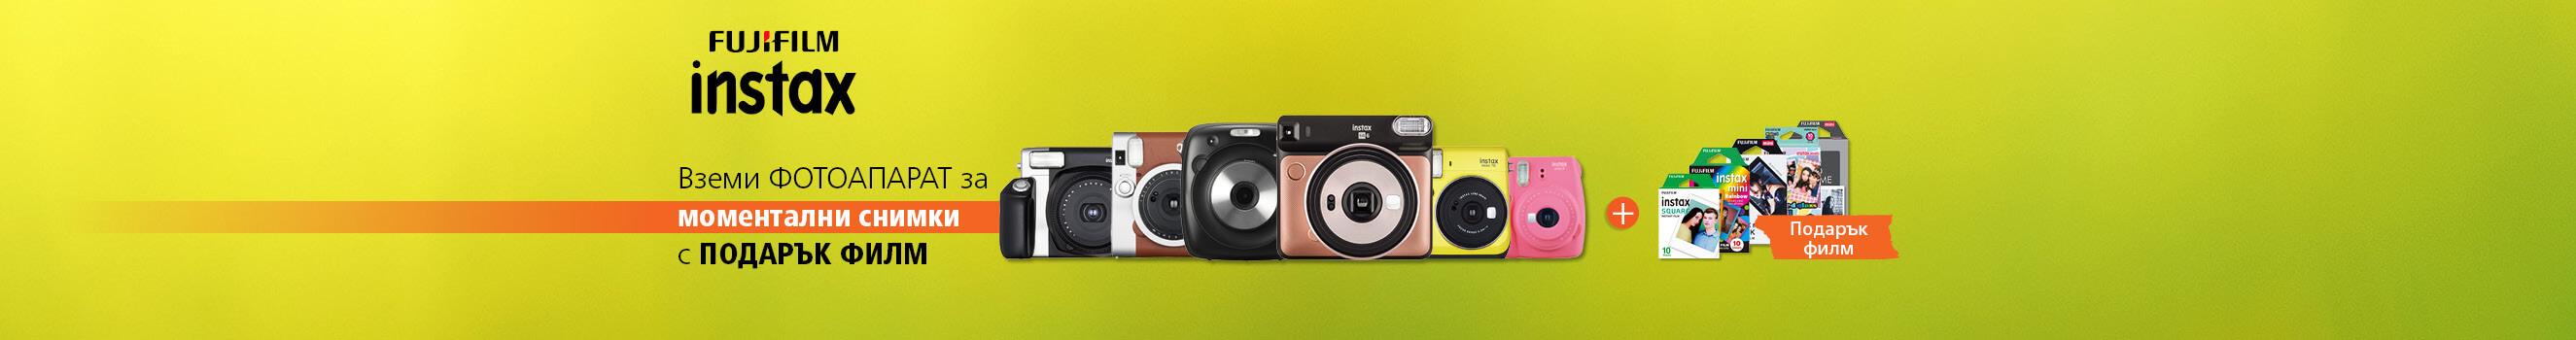 Вземи всеки Fujifilm Instax фотоапарат с подарък филм!